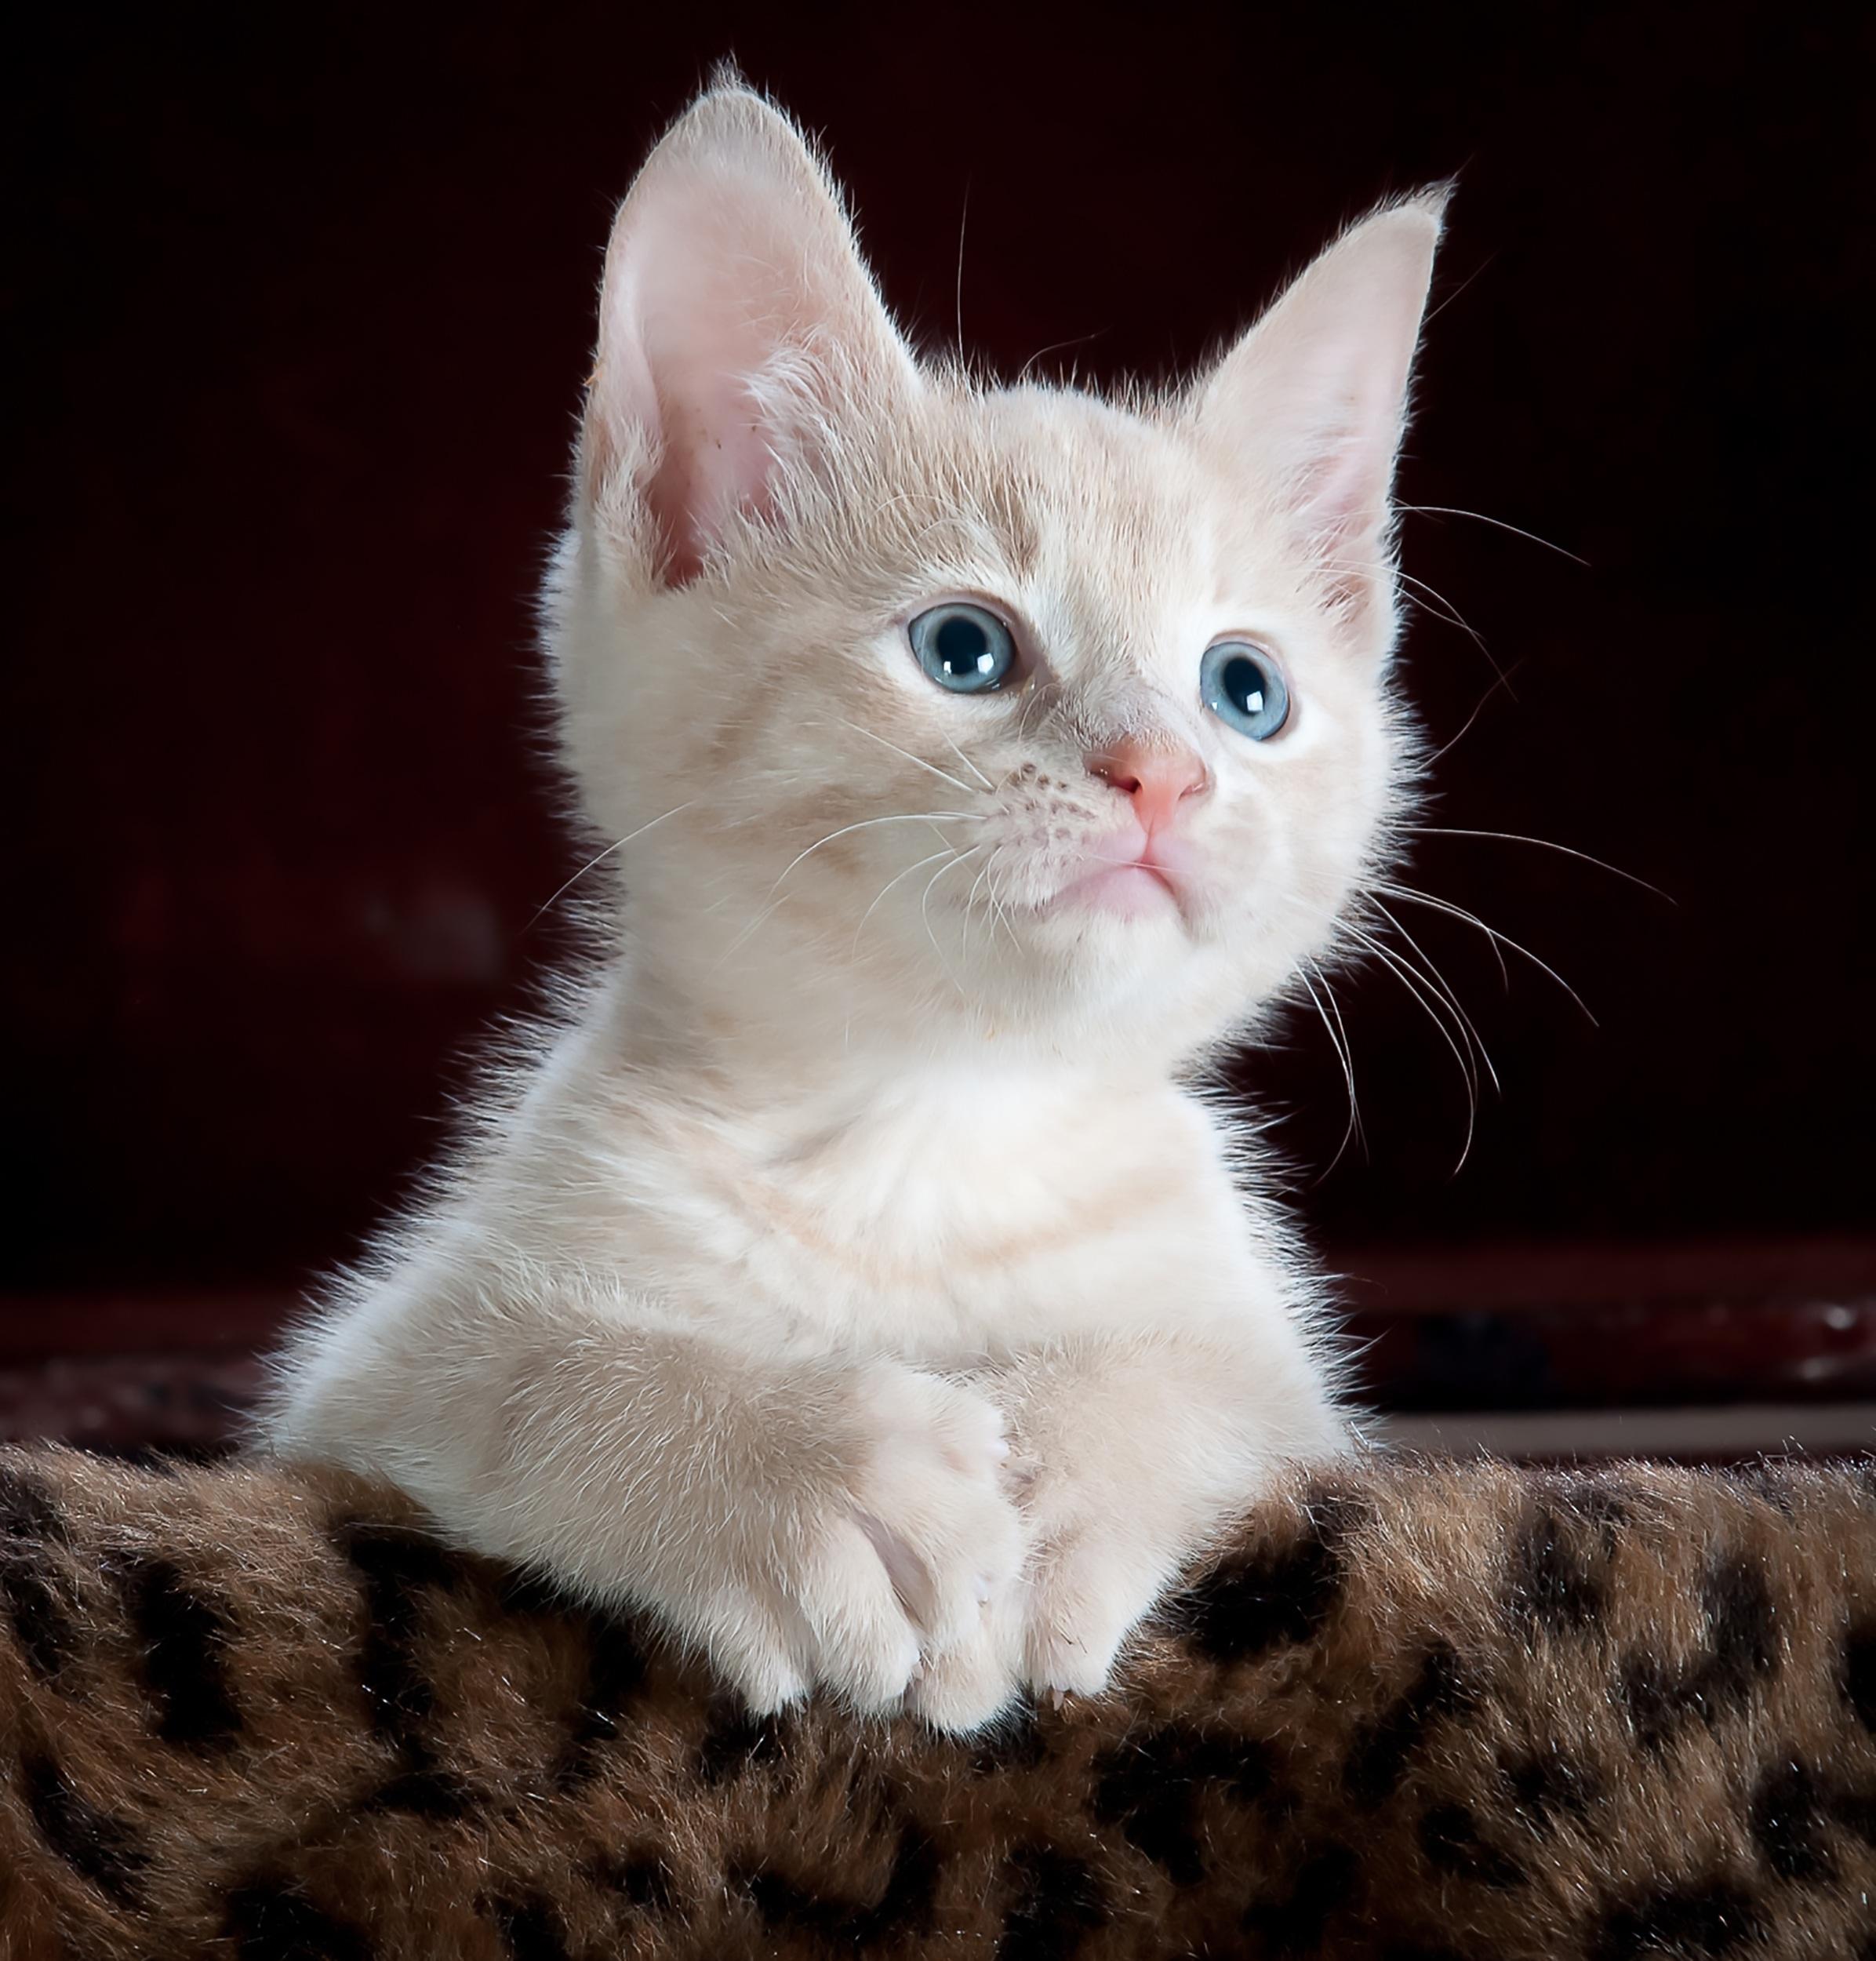 kitty-cat-kitten-pet-45201.jpeg